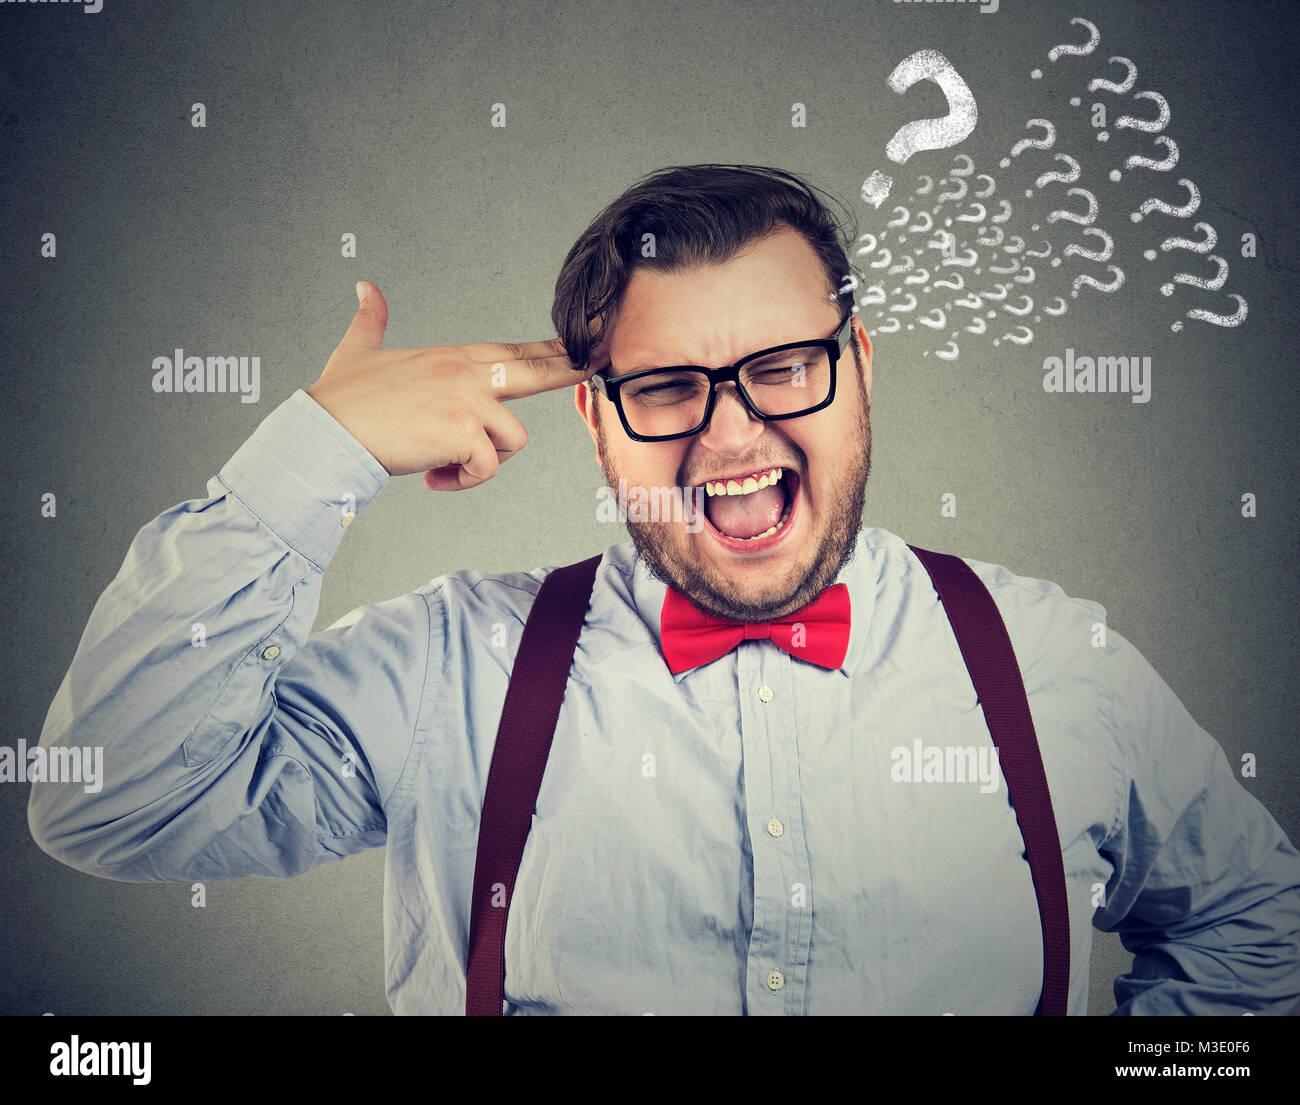 Cheeky uomo a bow tie-tenendo le dita al tempio alla ricerca solleciti con le domande. Immagini Stock